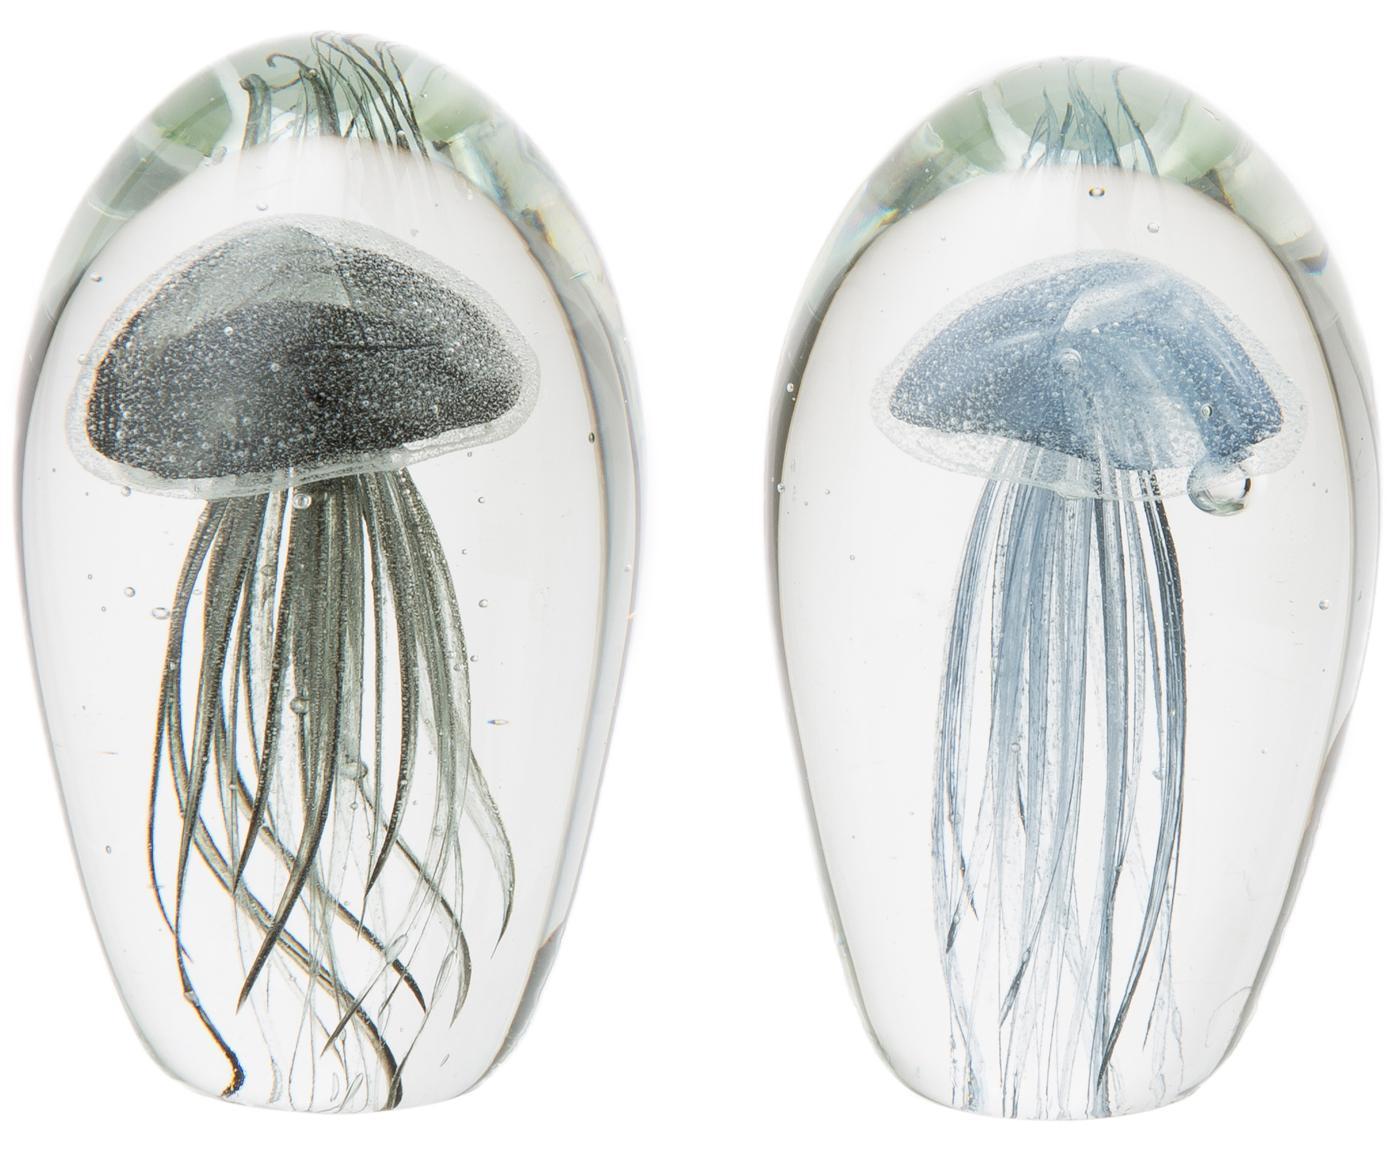 Deko-Objekt-Set Medusa, 2-tlg., Glas, durchgefärbt, Briefbeschwerer: TransparentQuallen: Graublau, Schwarz, Ø 8 x H 12 cm